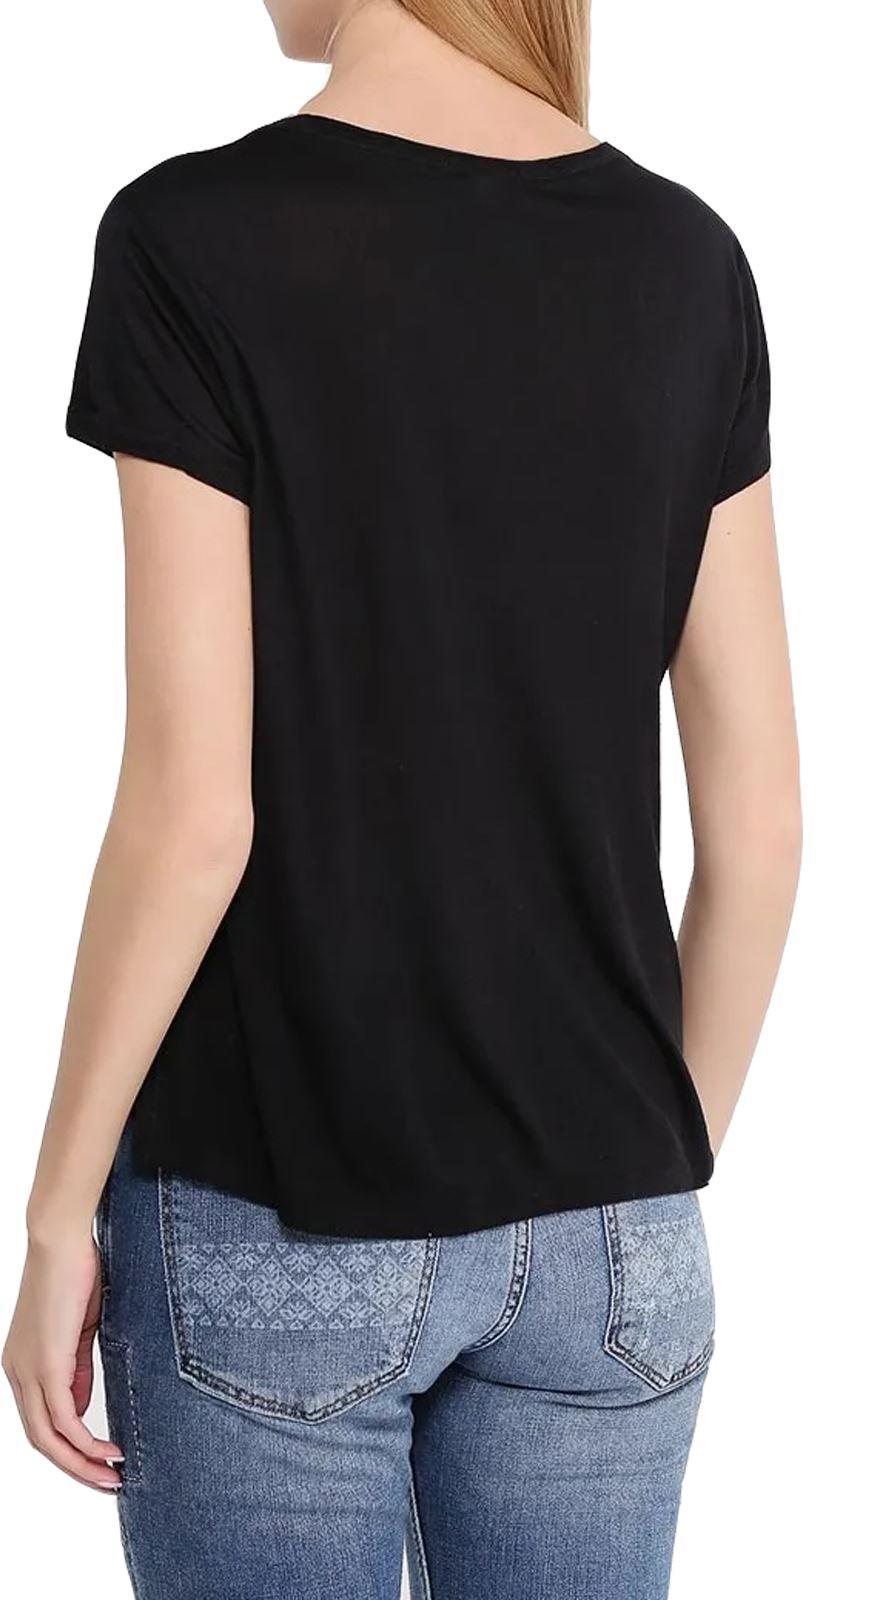 Senoras-Brave-Soul-Camiseta-manga-Hotfix-STUD-diseno-de-impresion-de-la-Tapa-Para-mujeres-Verano-Top miniatura 9